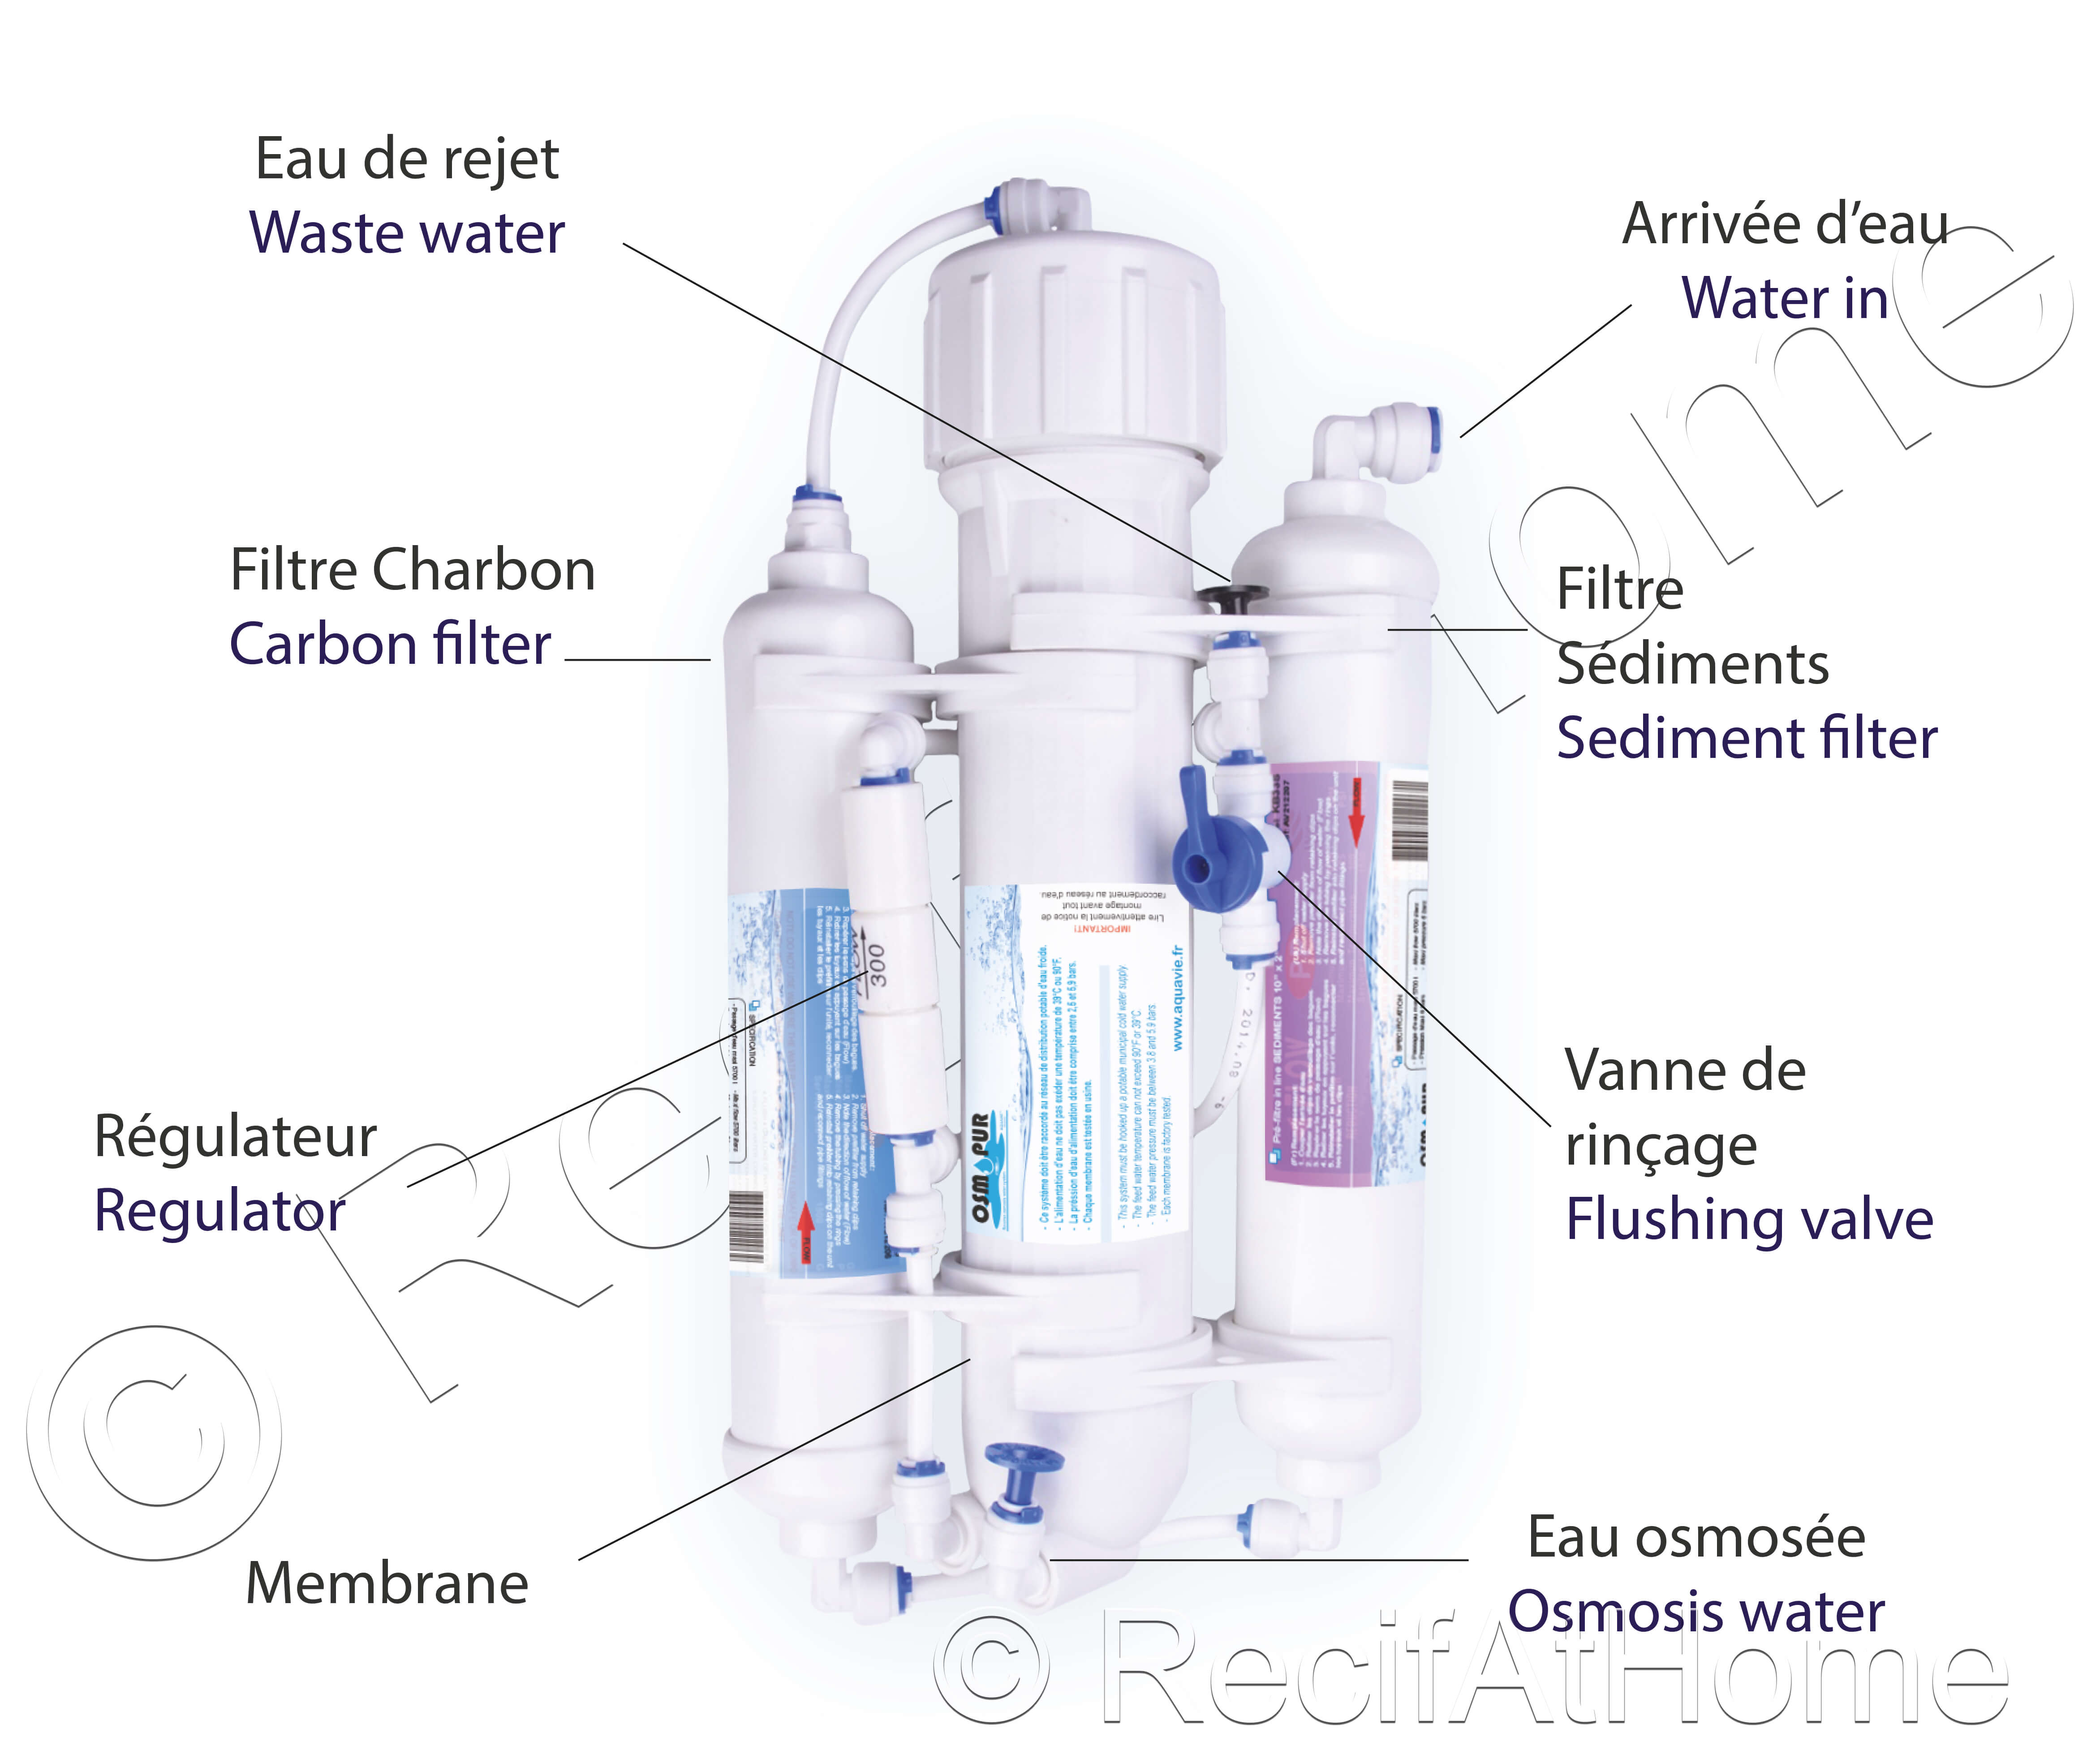 Filtres de rechange 3 niveaux Aquaristik Osmose Inverse Osmose Inverse installation pour 3 ans 12 pièces